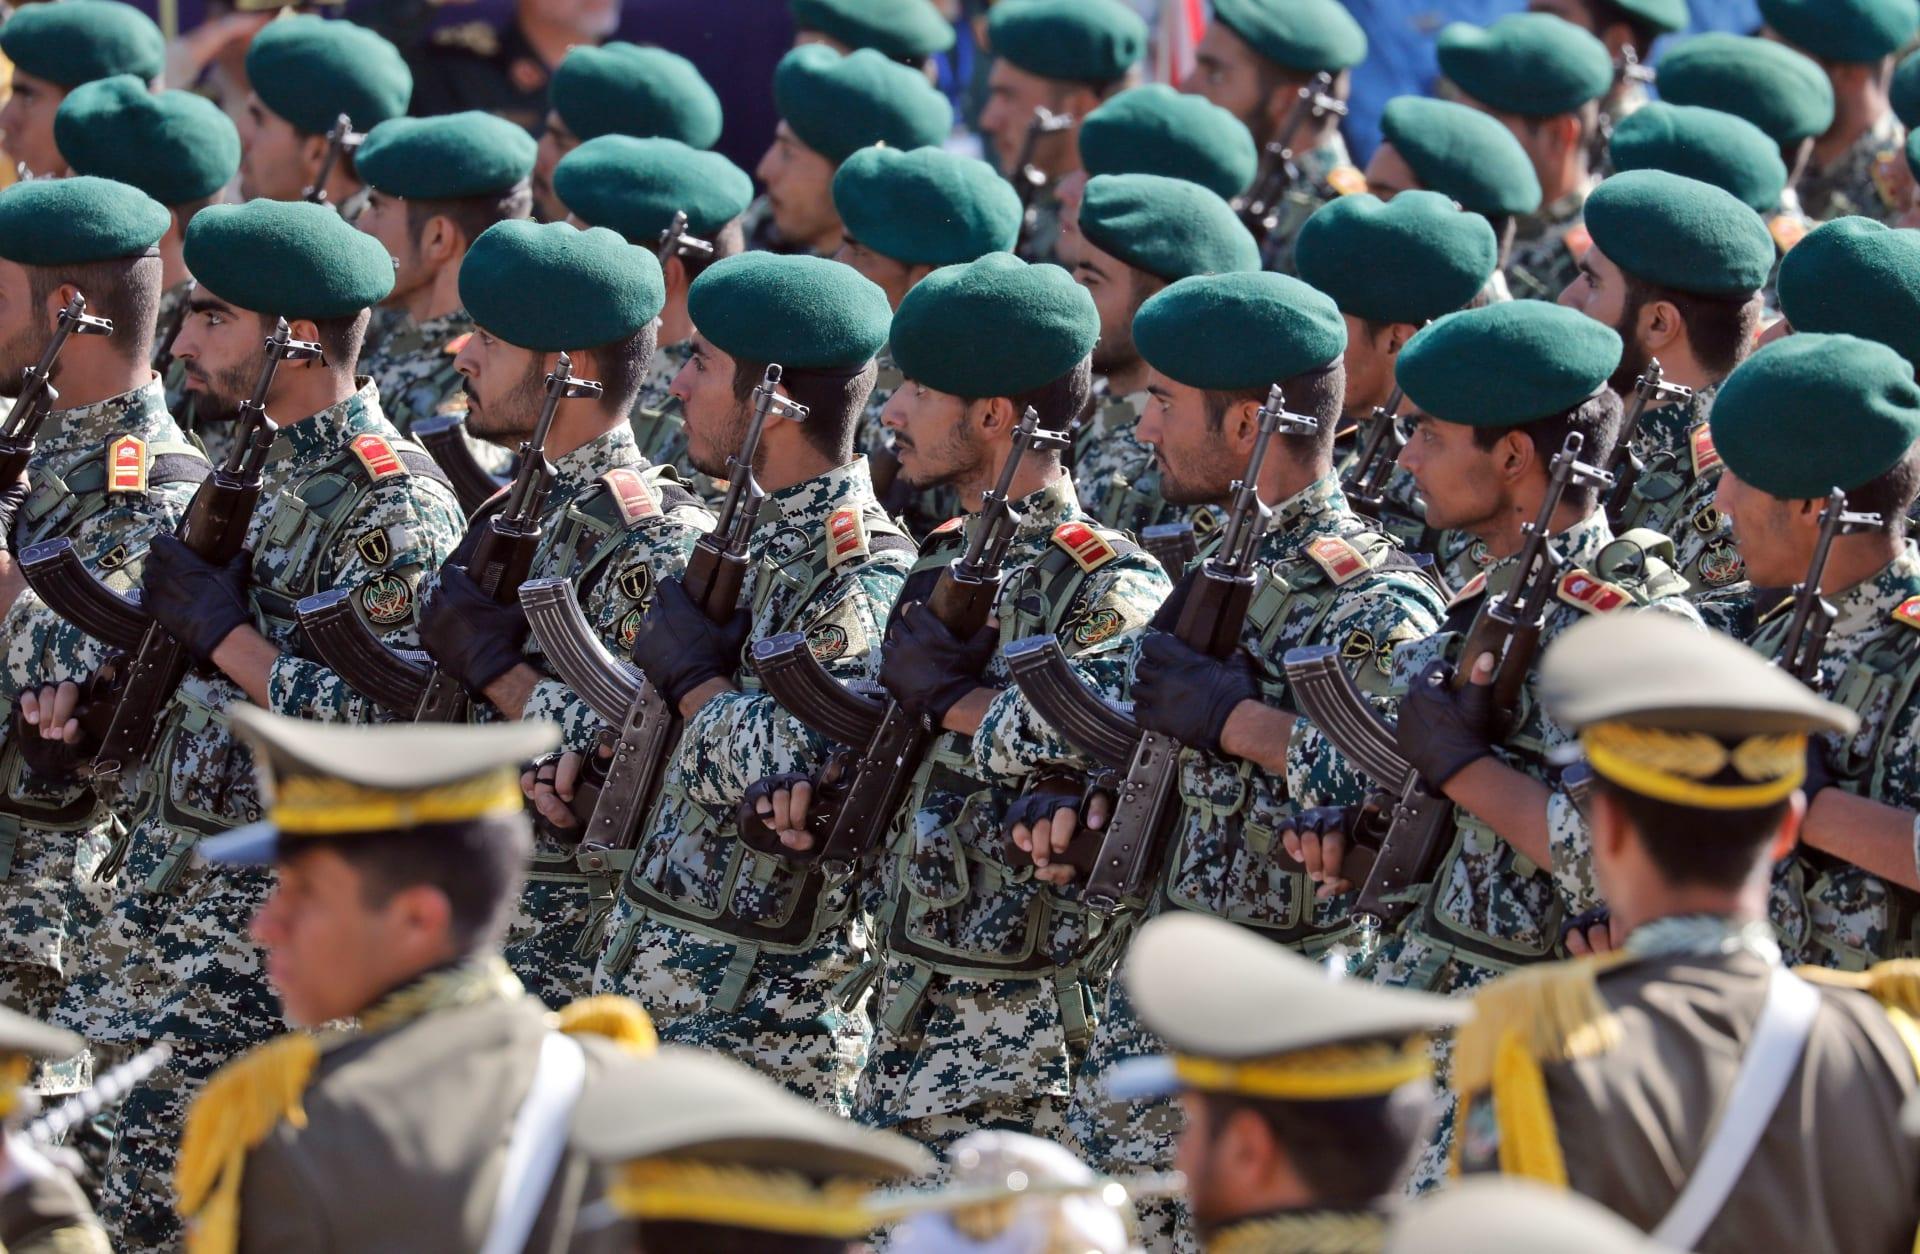 إيران: سنرد على ترامب ولولا الحرس الثوري لسقطت دمشق وبغداد